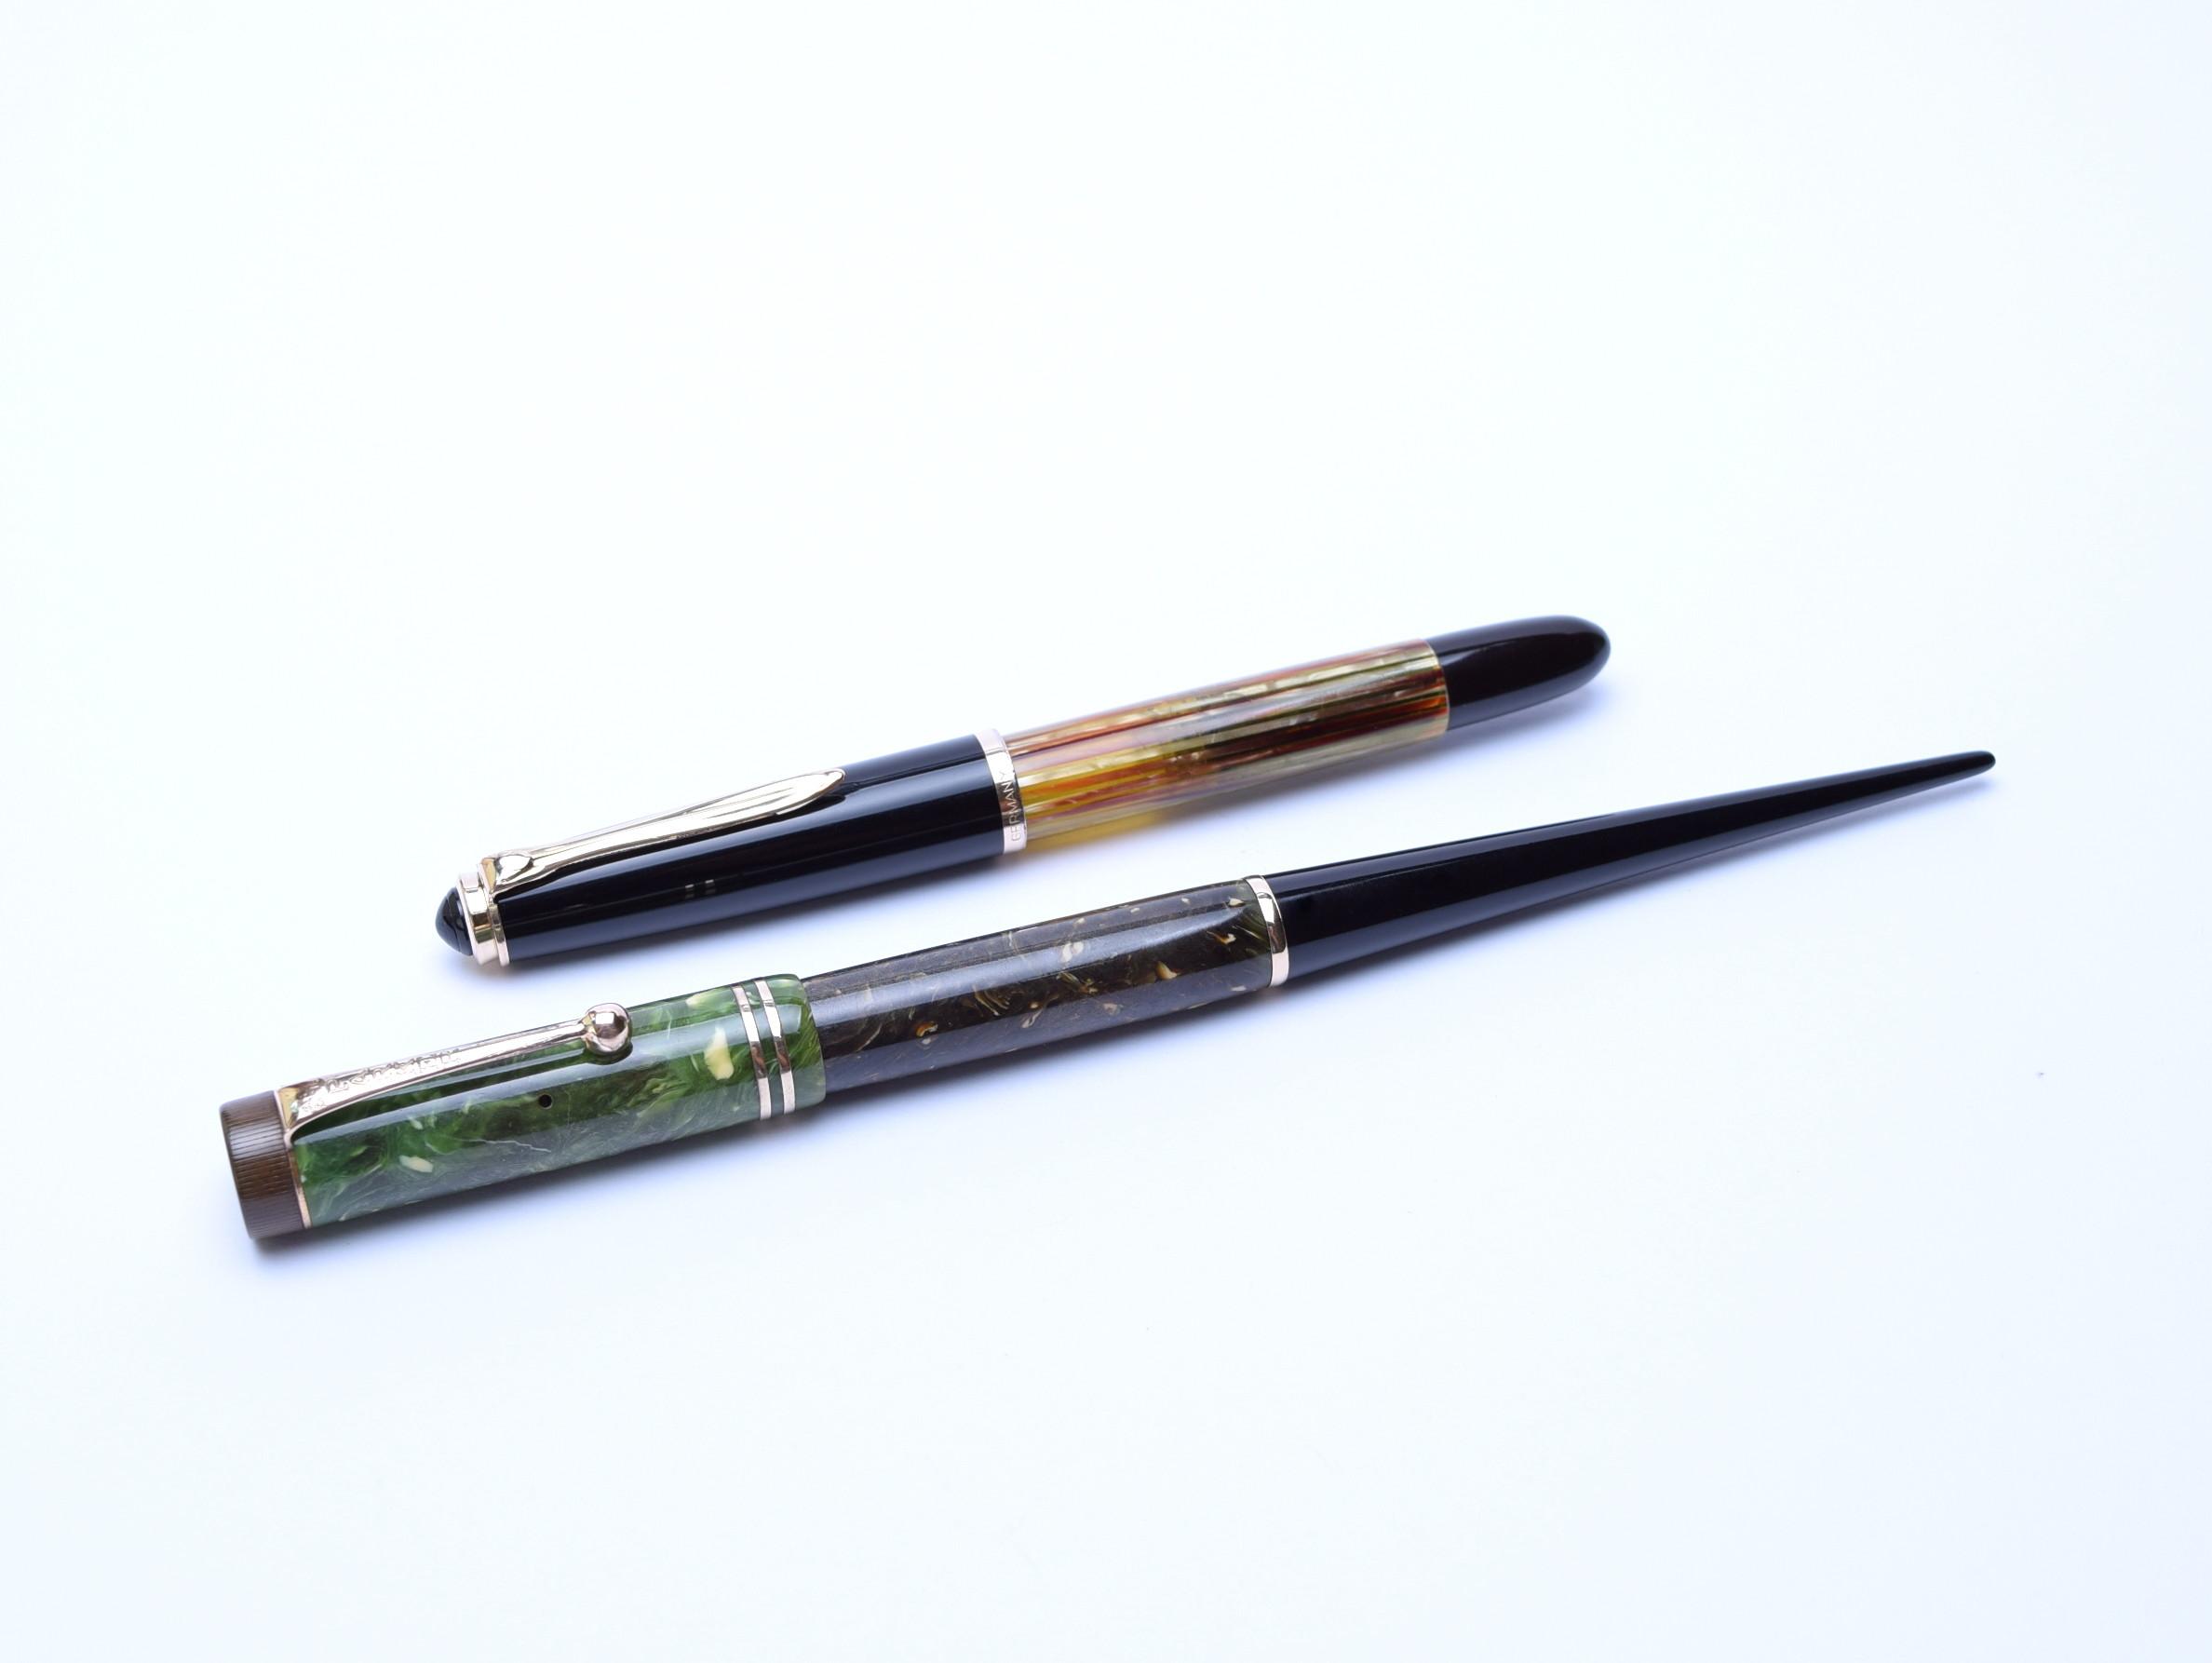 1930s parker duofold jade green lucky curve desk pen push button fountain pen flex 14k gold nib